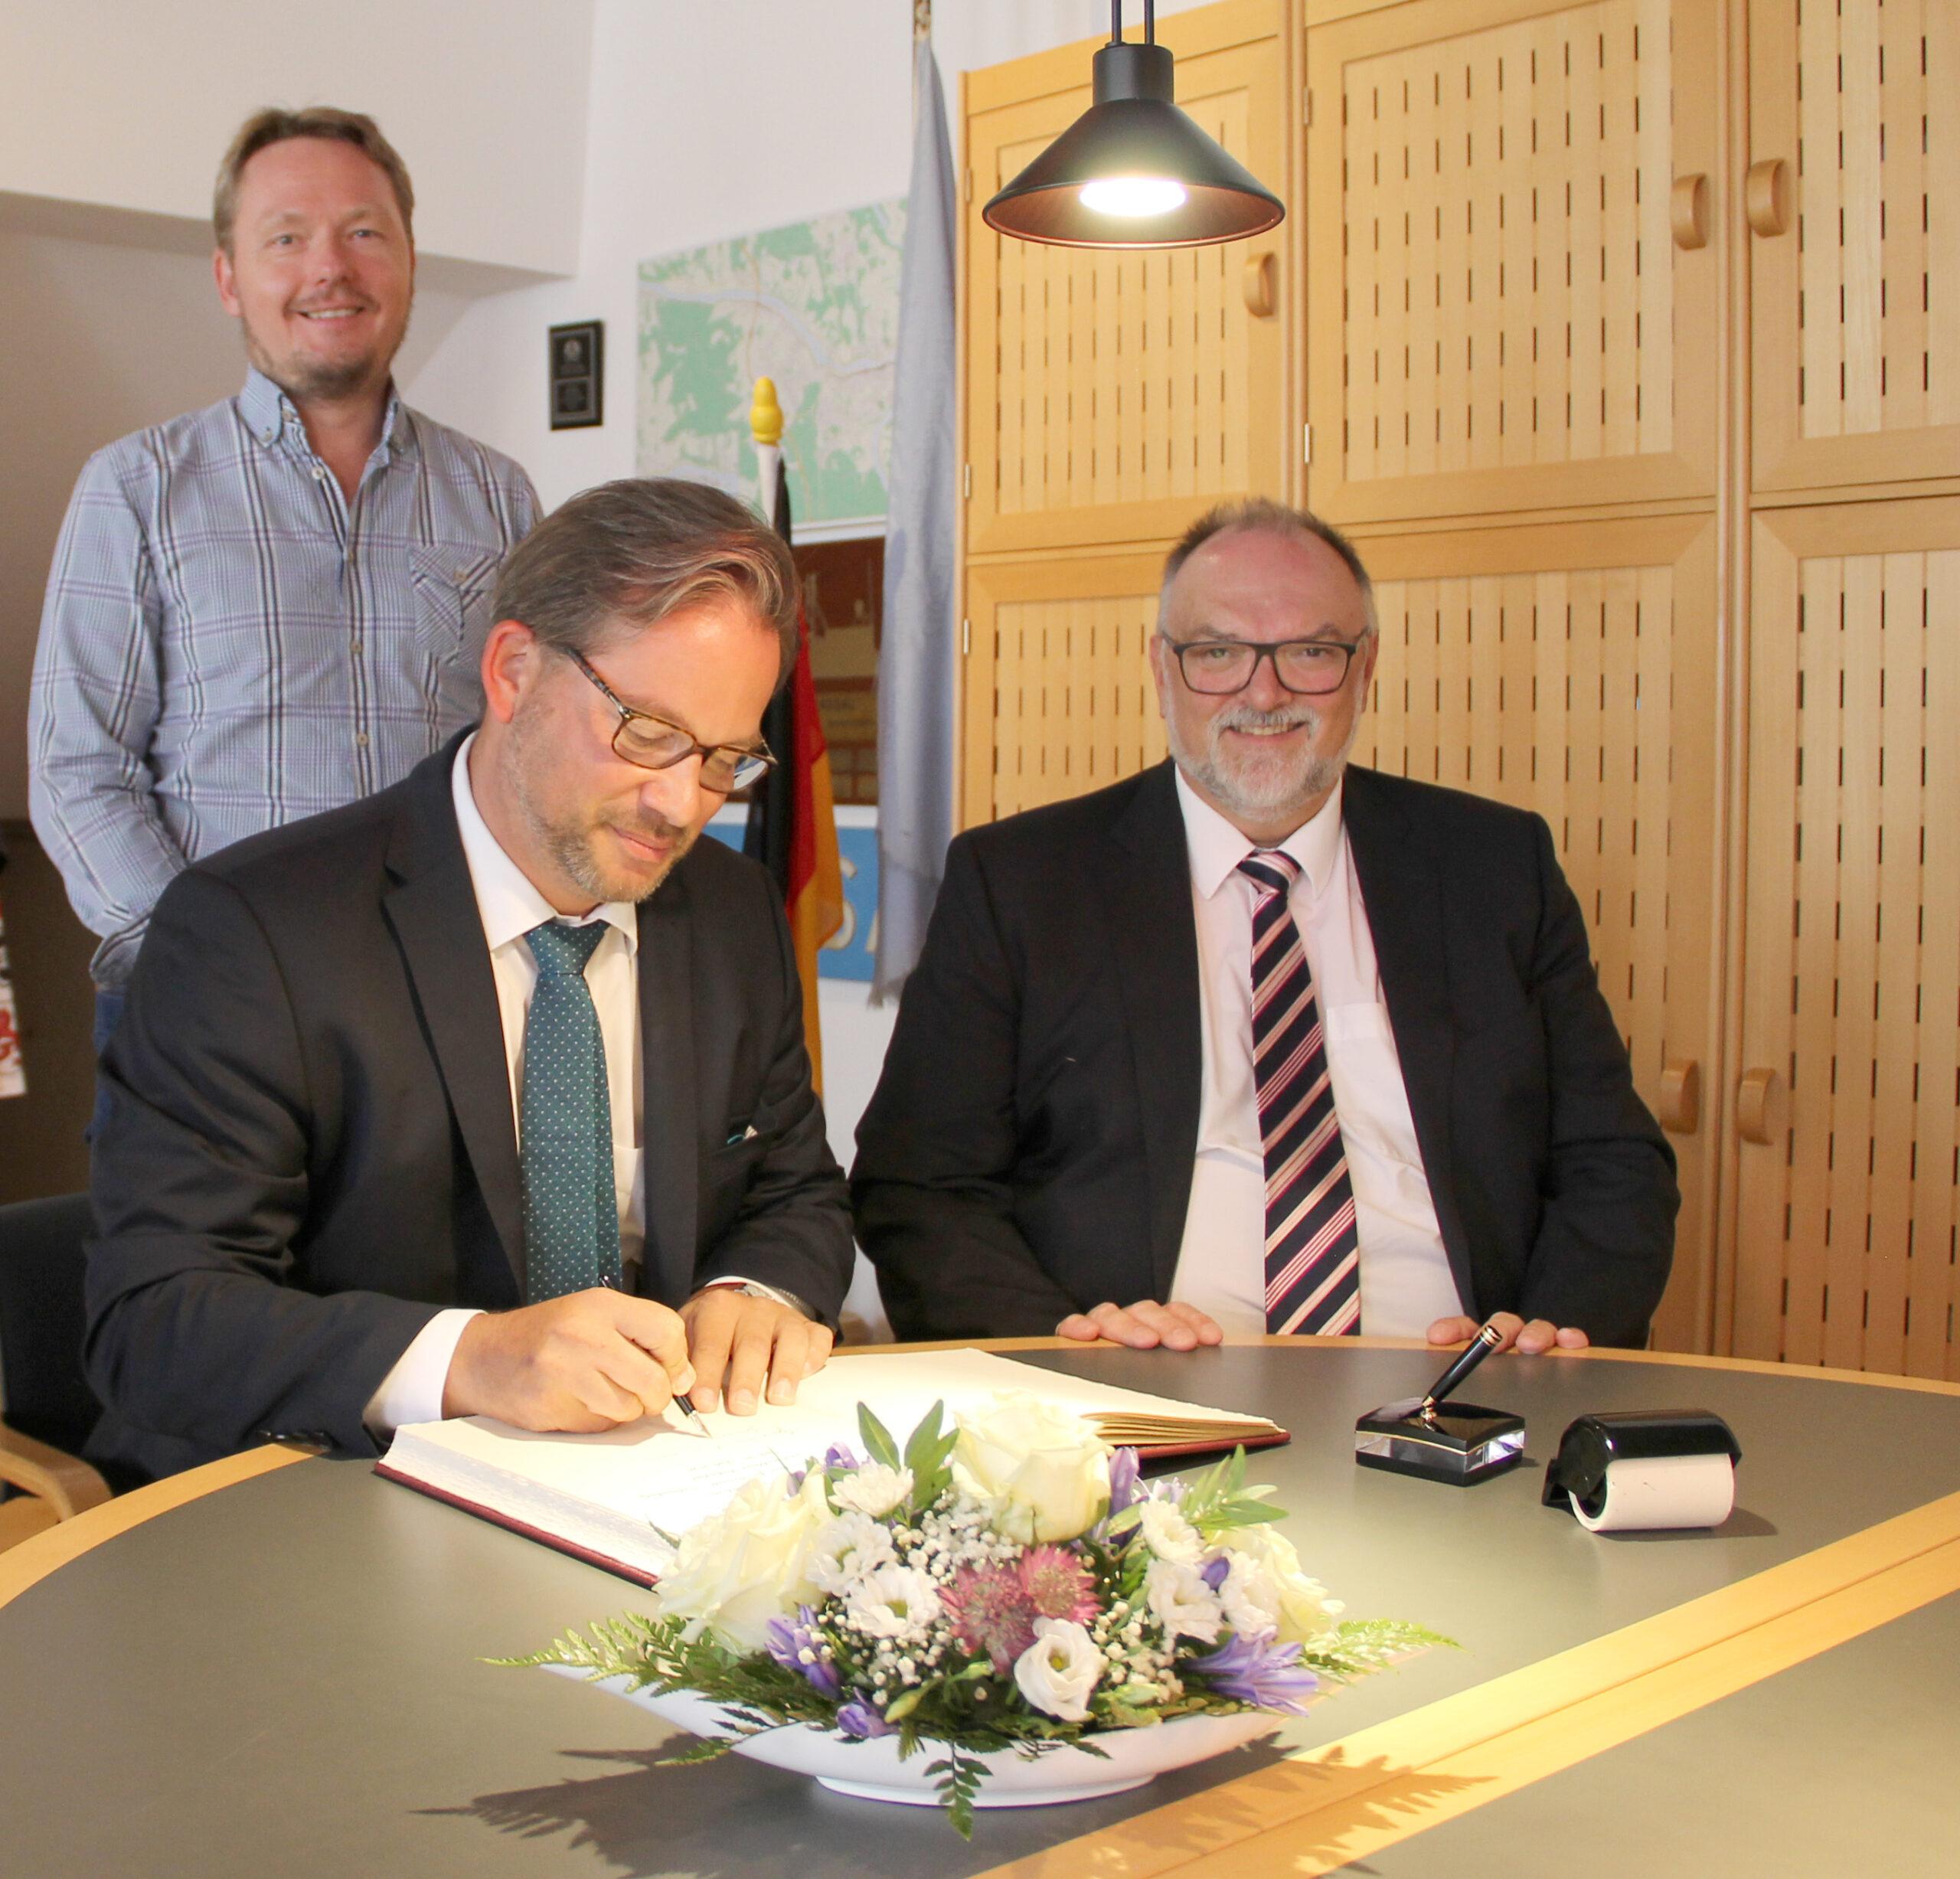 Eintrag in das Gästebuch der Stadt Passau (von rechts): Oberbürgermeister Jürgen Dupper, der Parlamentarische Staatssekretär Florian Pronold sowie der Landtagsabgeordnete und Stadtrat Christian Flisek.